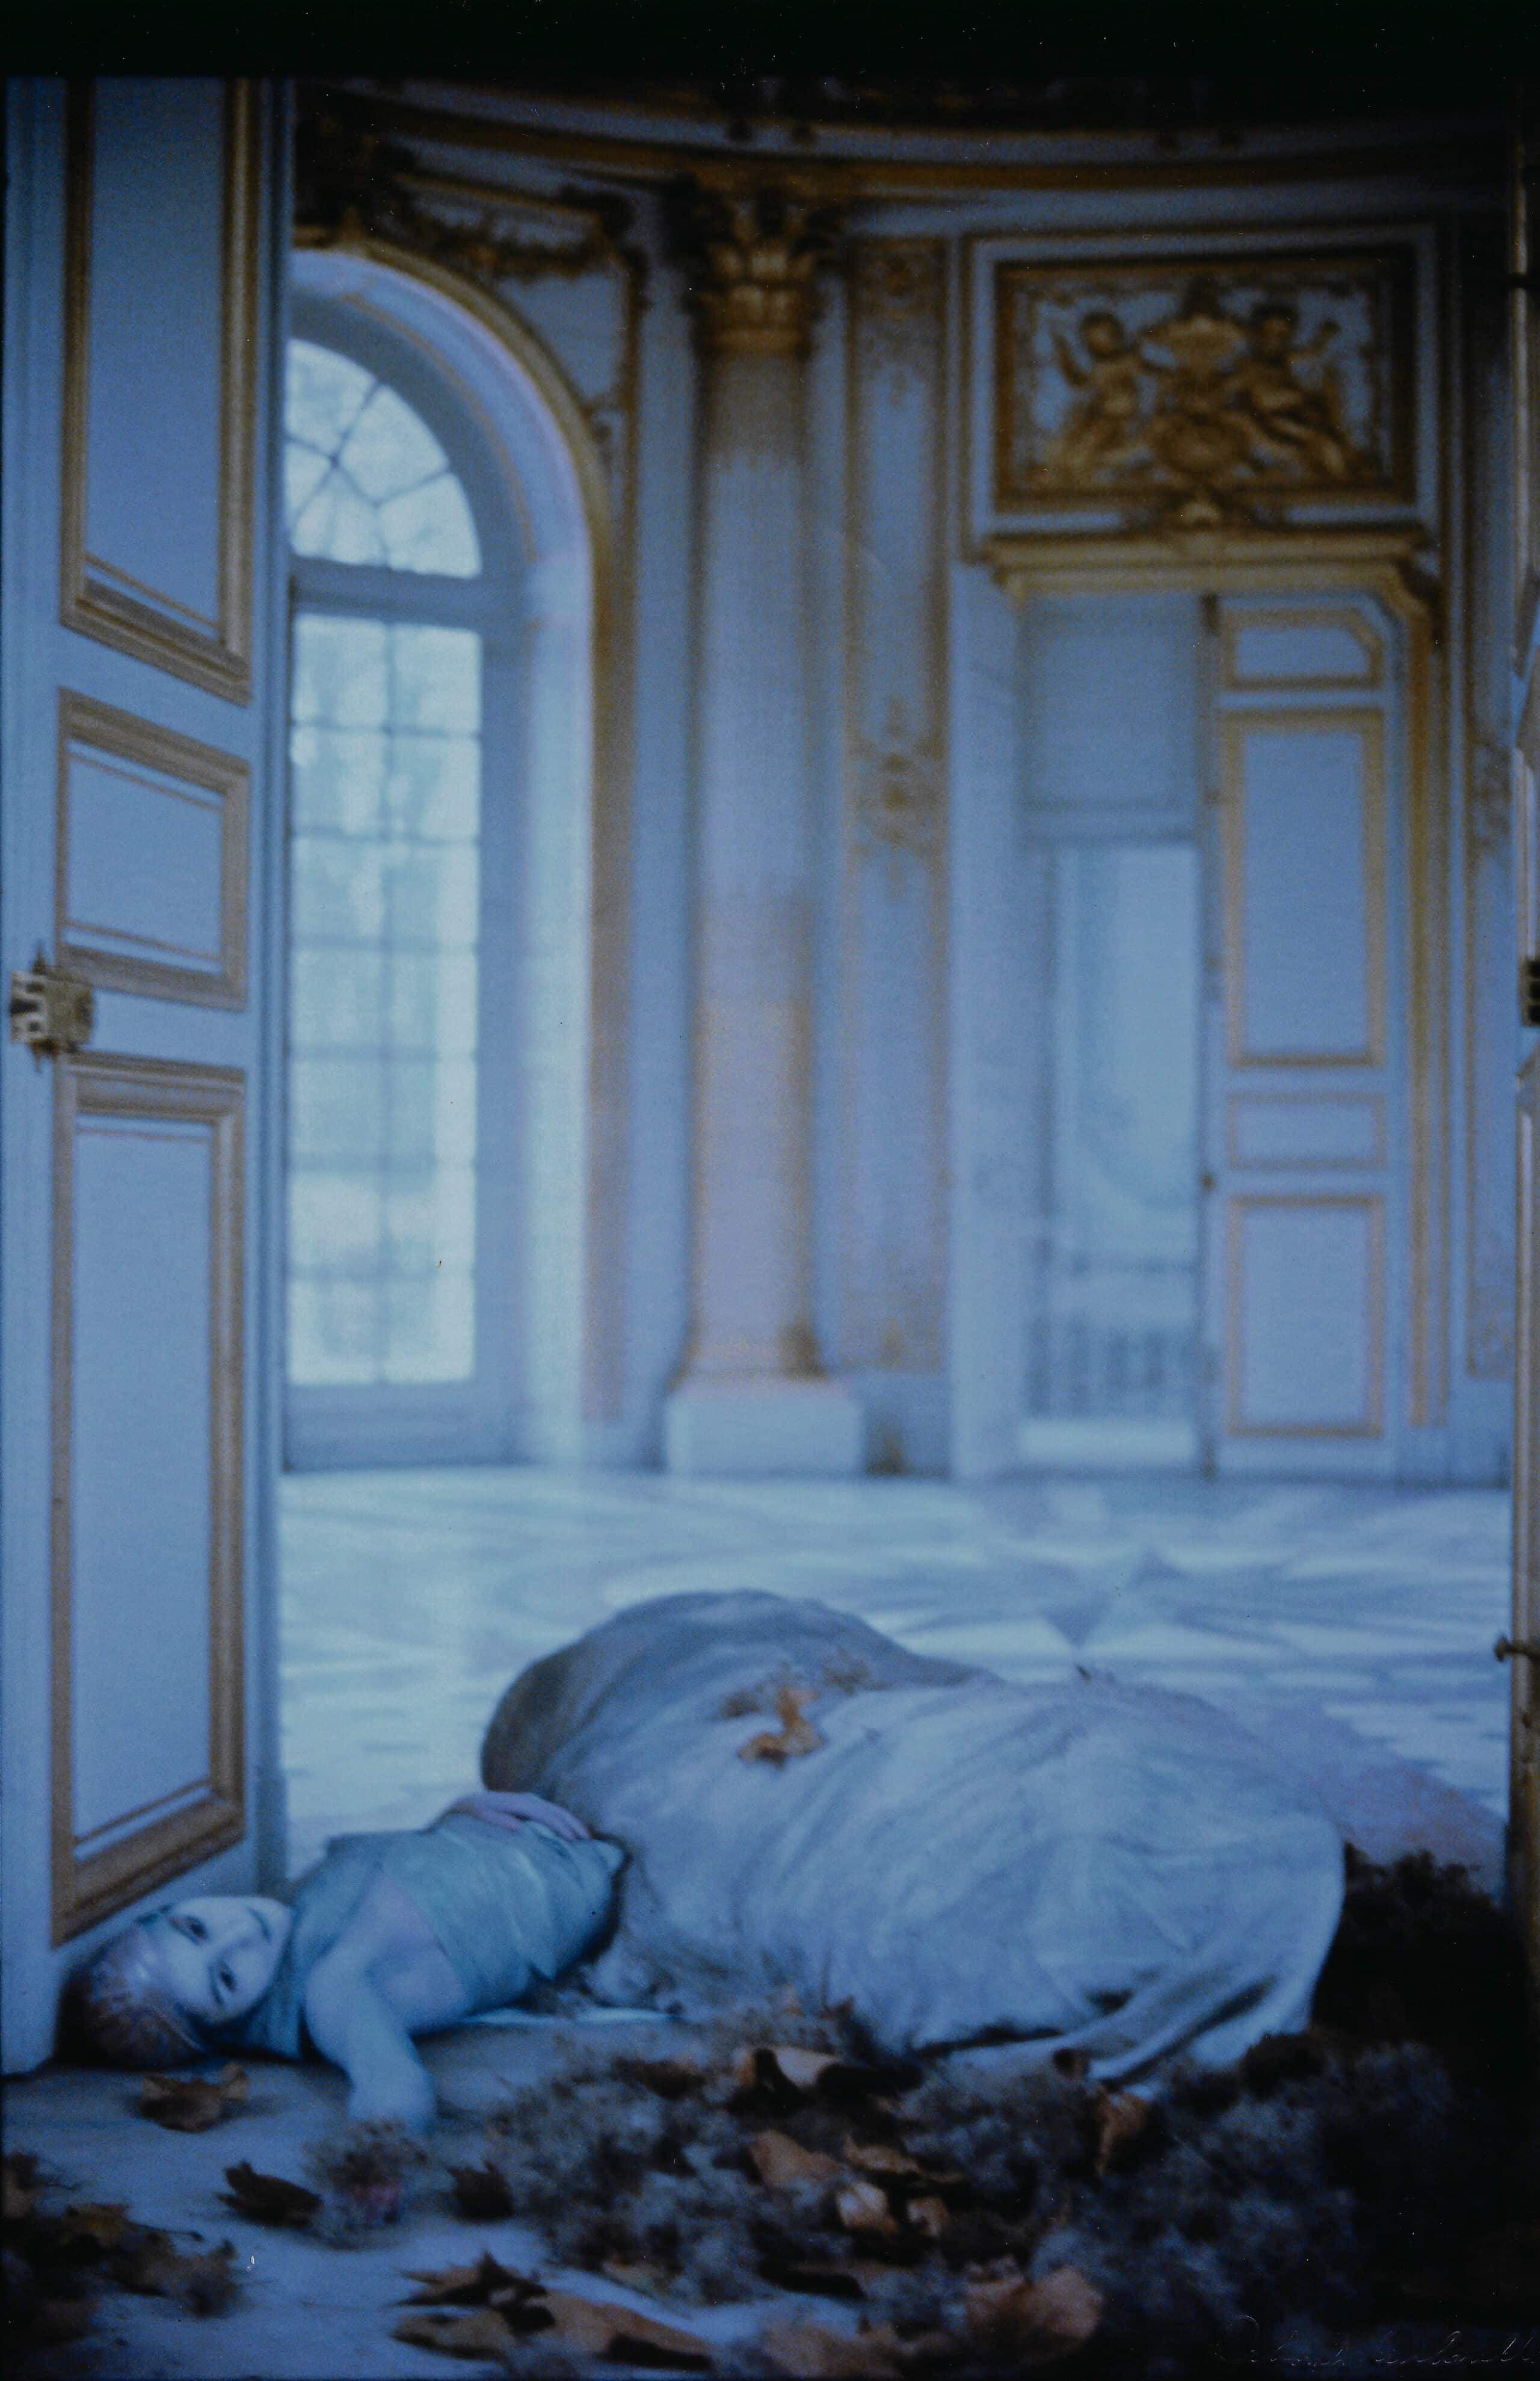 woman at Versailles